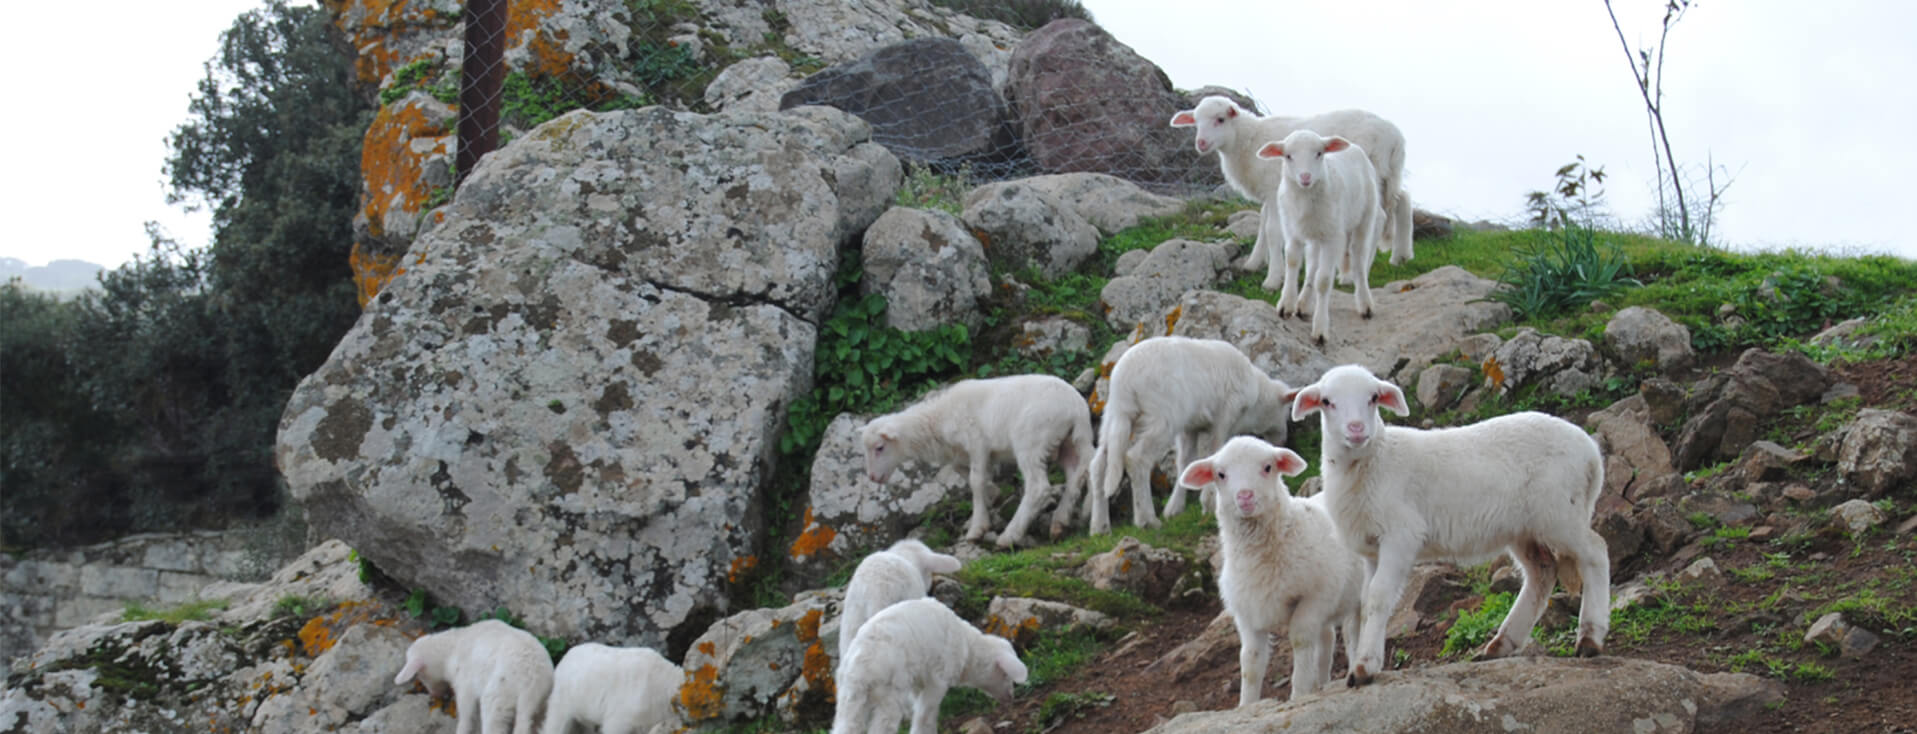 Bauernhof Ruspina in Nulvi